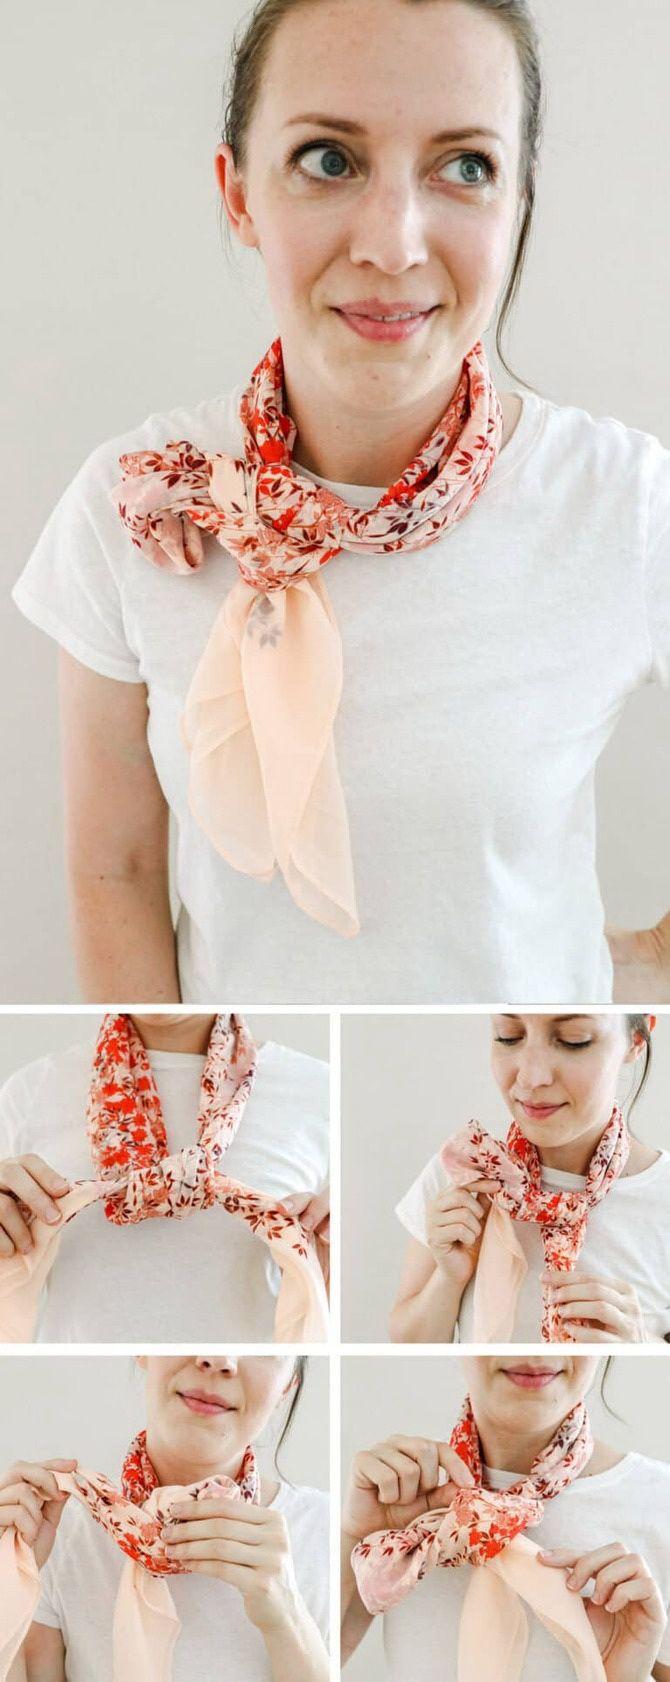 Как красиво завязать шарф: 19 лучших способов 16